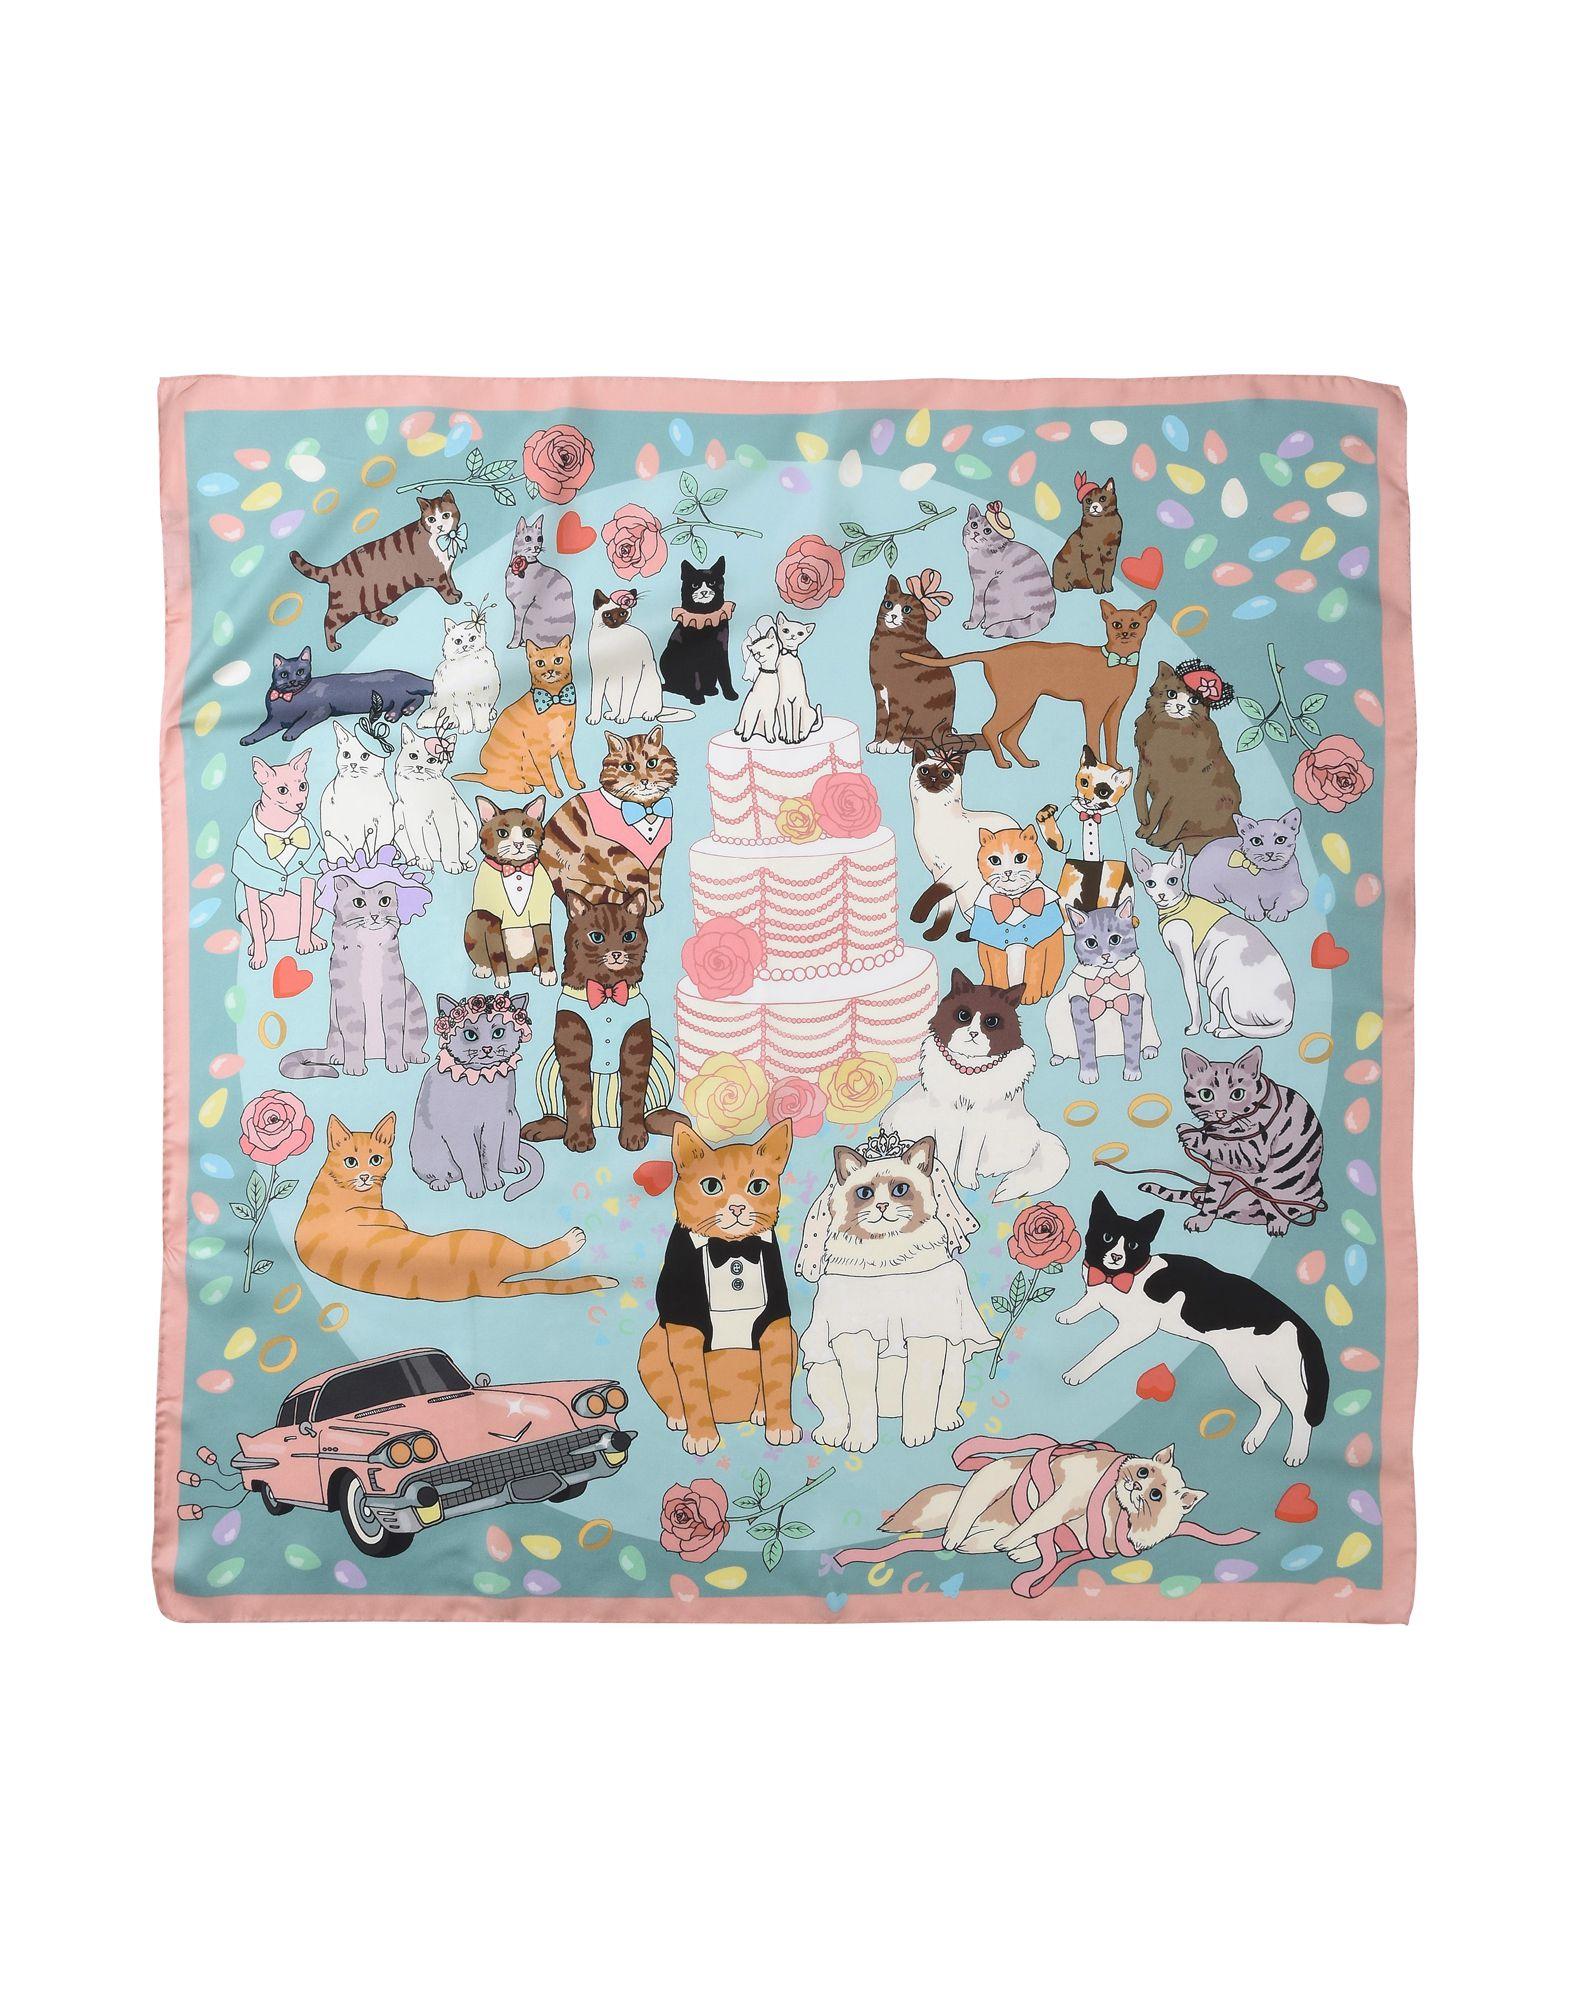 Foulard Karen Mabon Confetti - Donna - Acquista online su